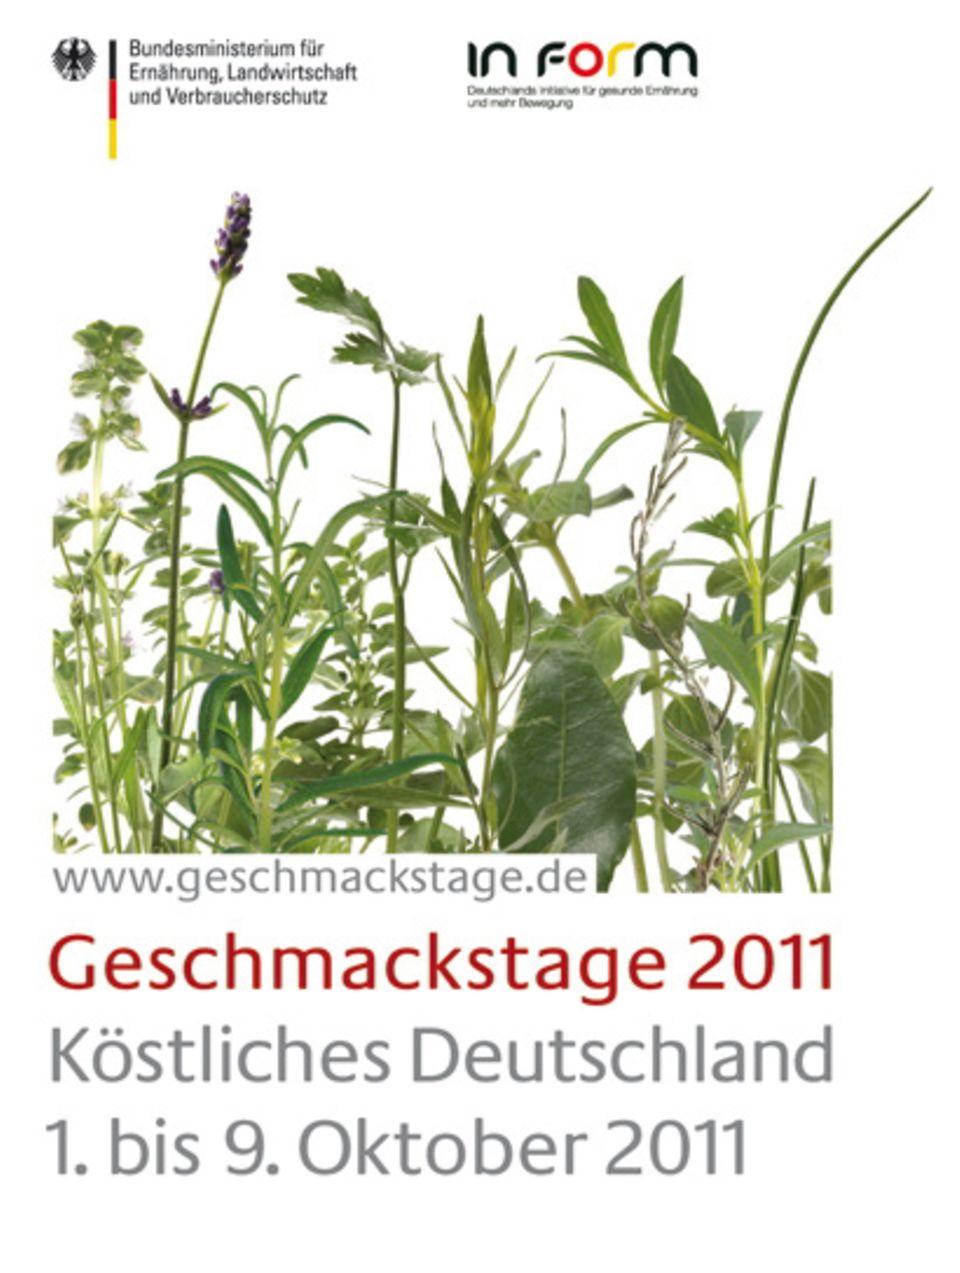 Im Zeichen der Regionen: Geschmackstage 2011